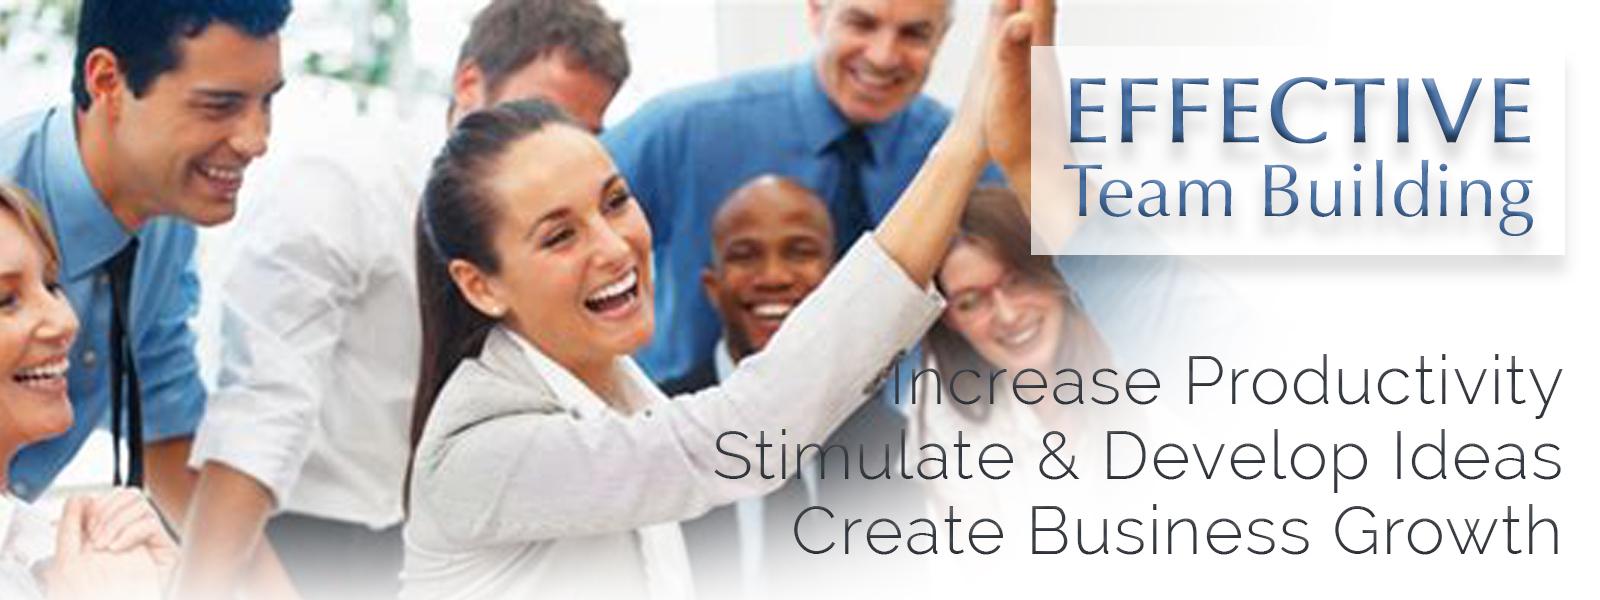 Camelot Enterprises, LLC - est. 1994   Effective Team Building Training and Consultations